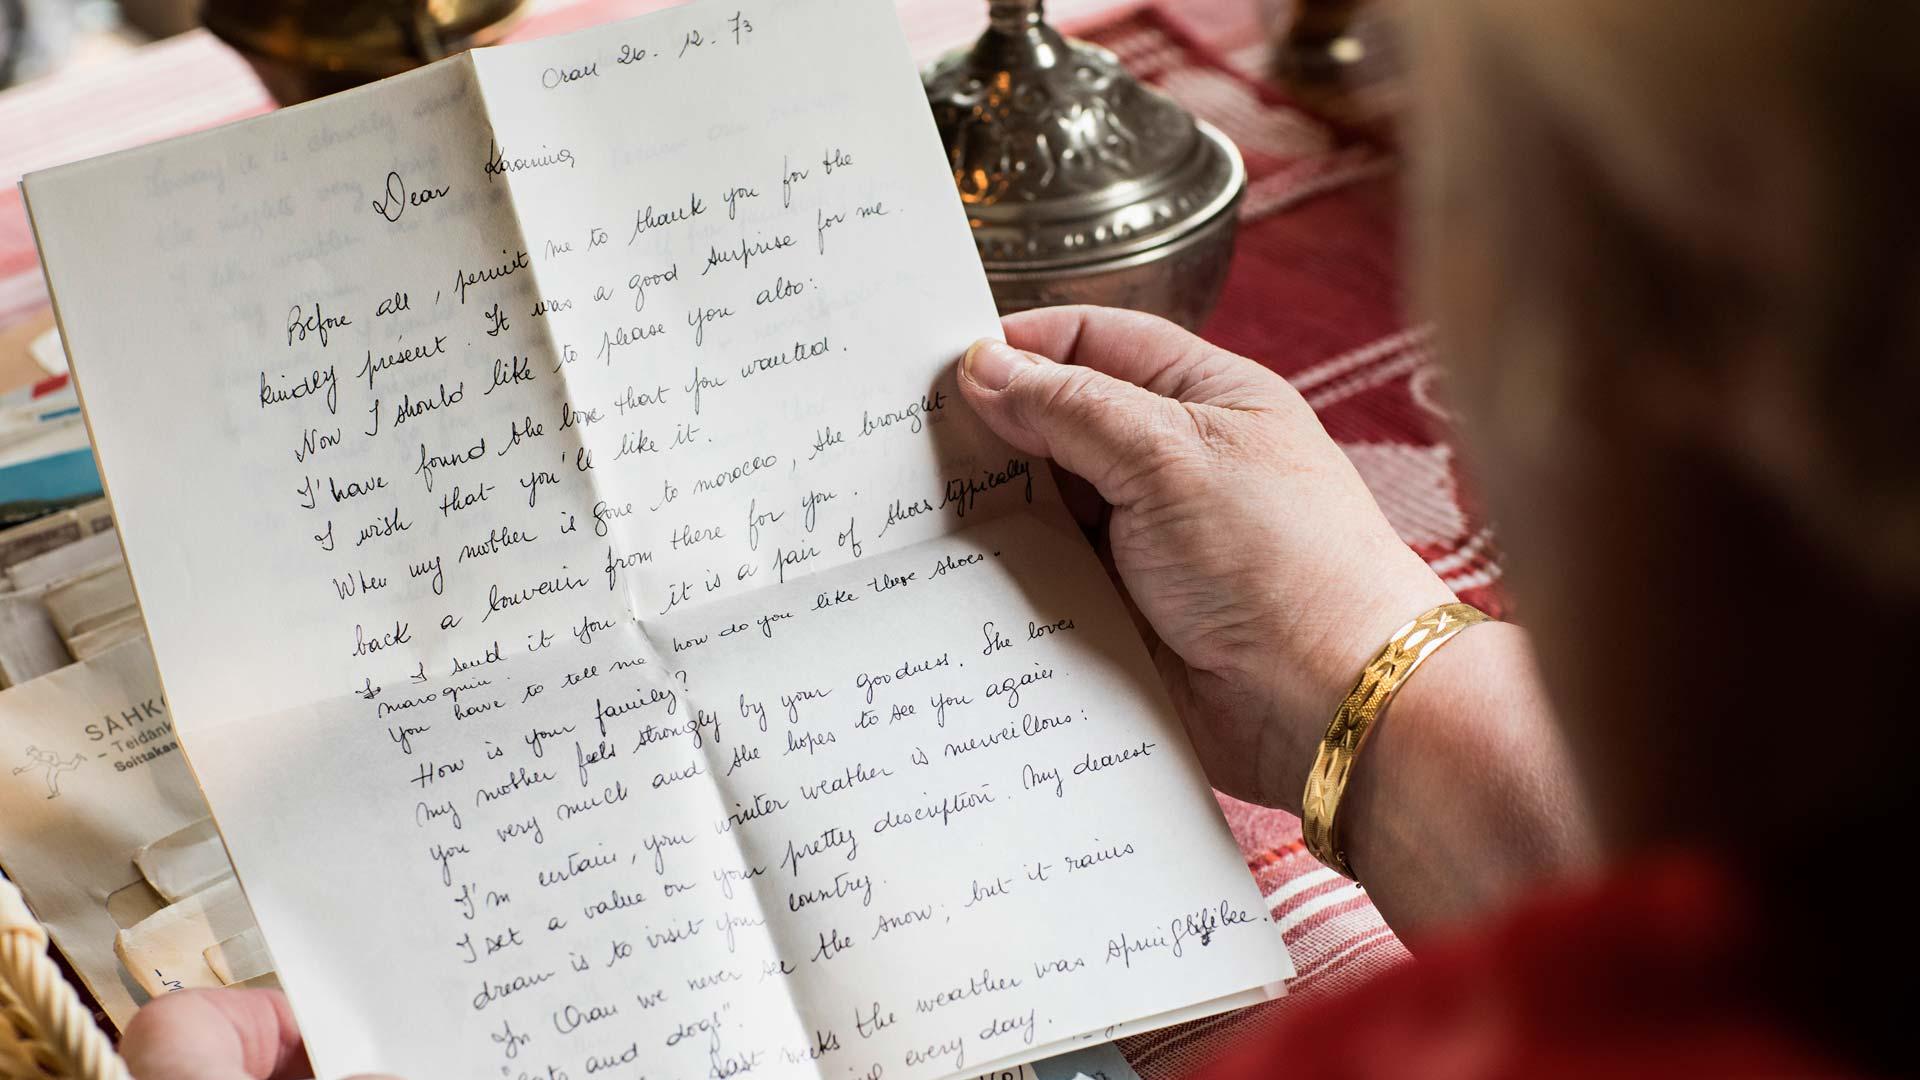 Kirjeet tempaavat Kaarinan takaisin vuosikymmenien takaisiin tunnelmiin. Silloin tämä hetki katoaa.